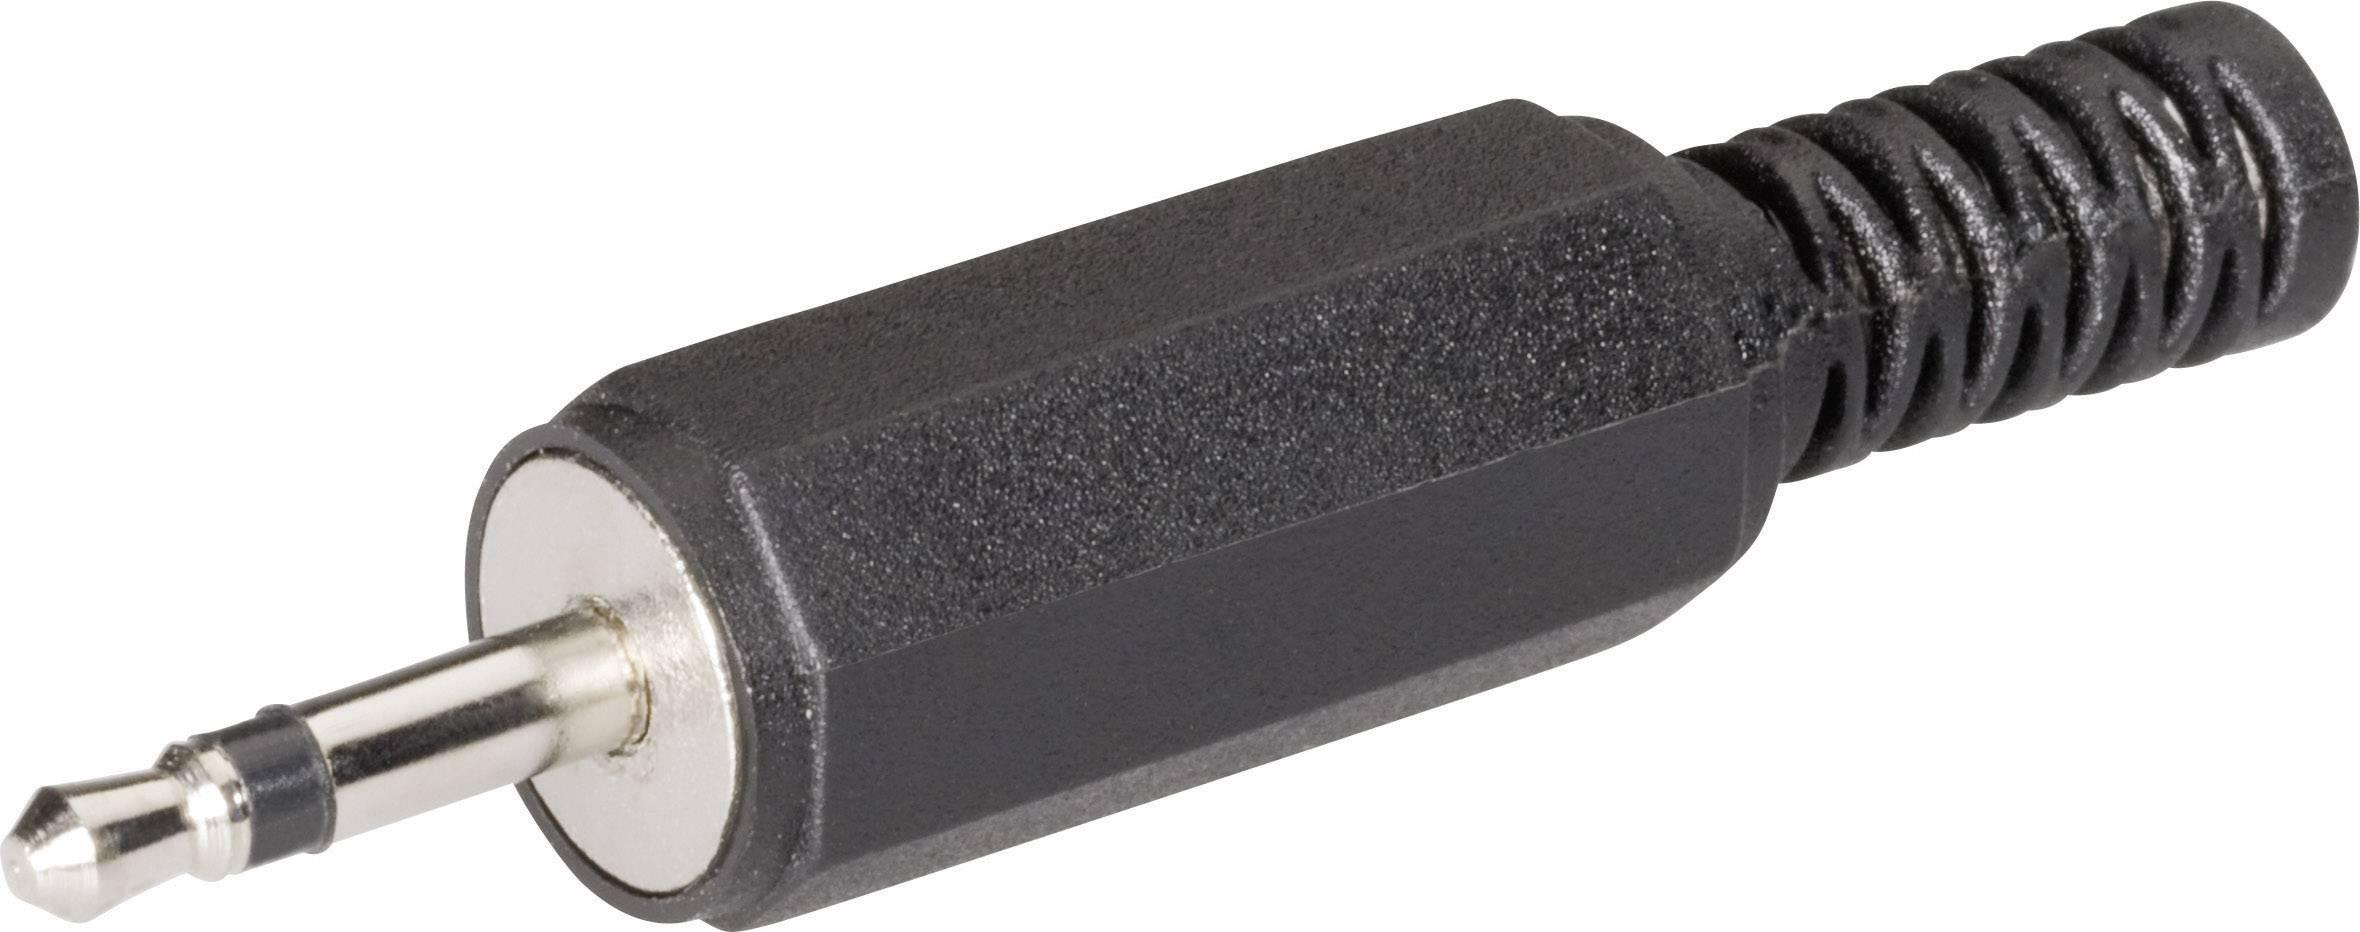 Jack konektor 2,5 mm BKL Electronic 72117, zástrčka rovná, 2pól./mono, černá